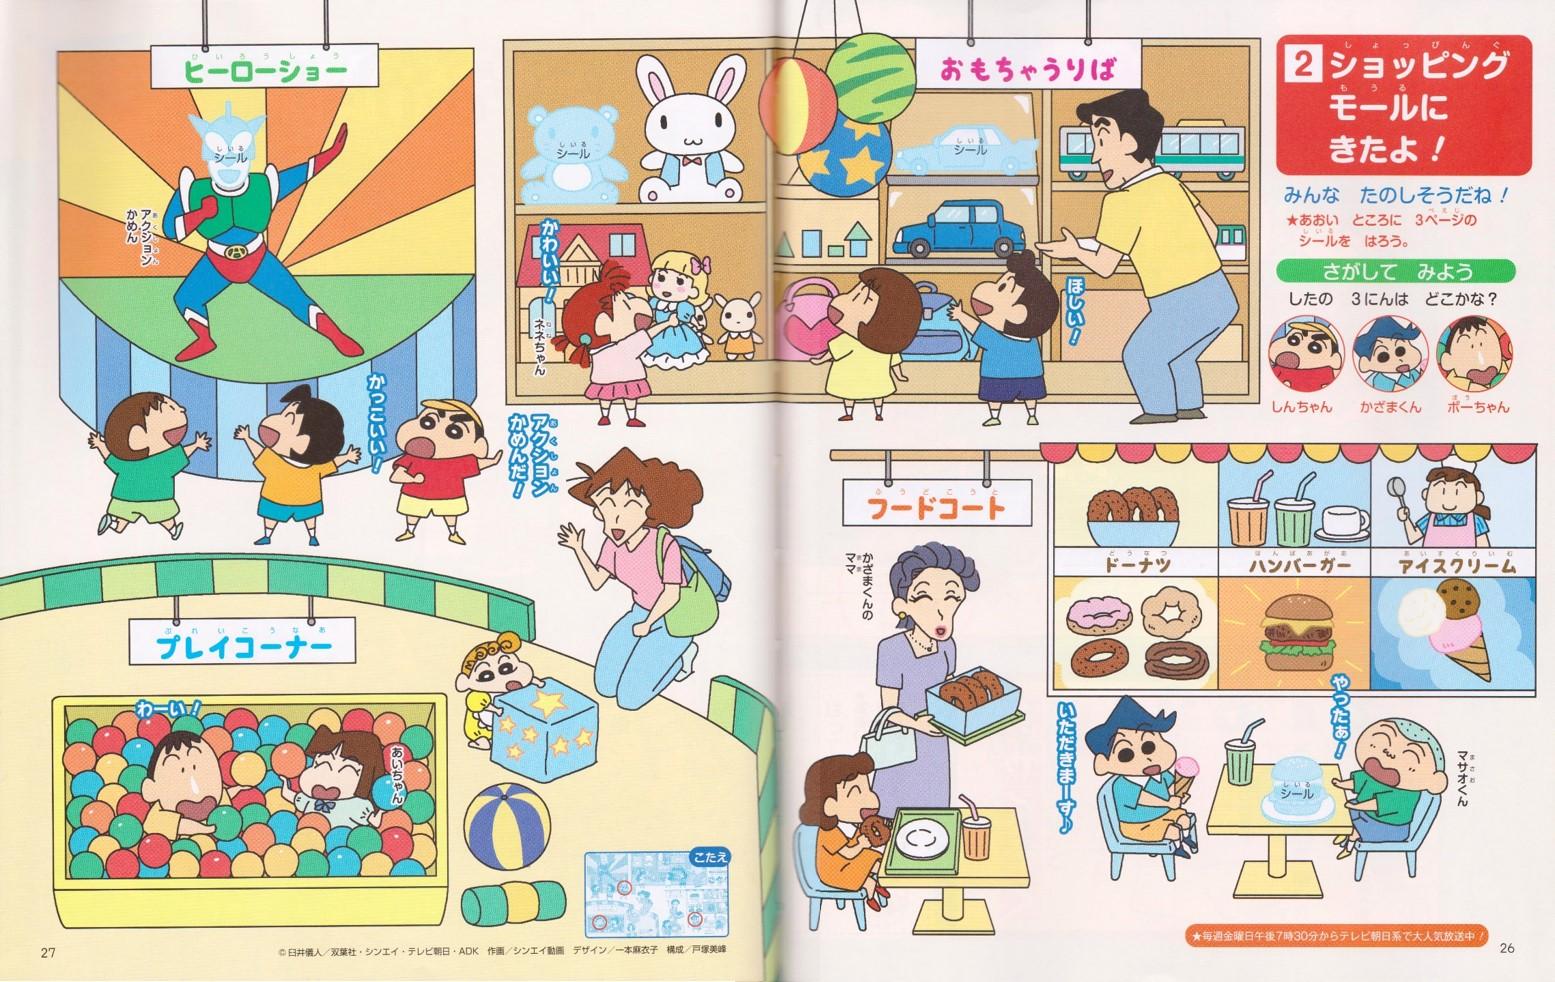 クレヨンしんちゃんシール ショッピングモールにきたよ!